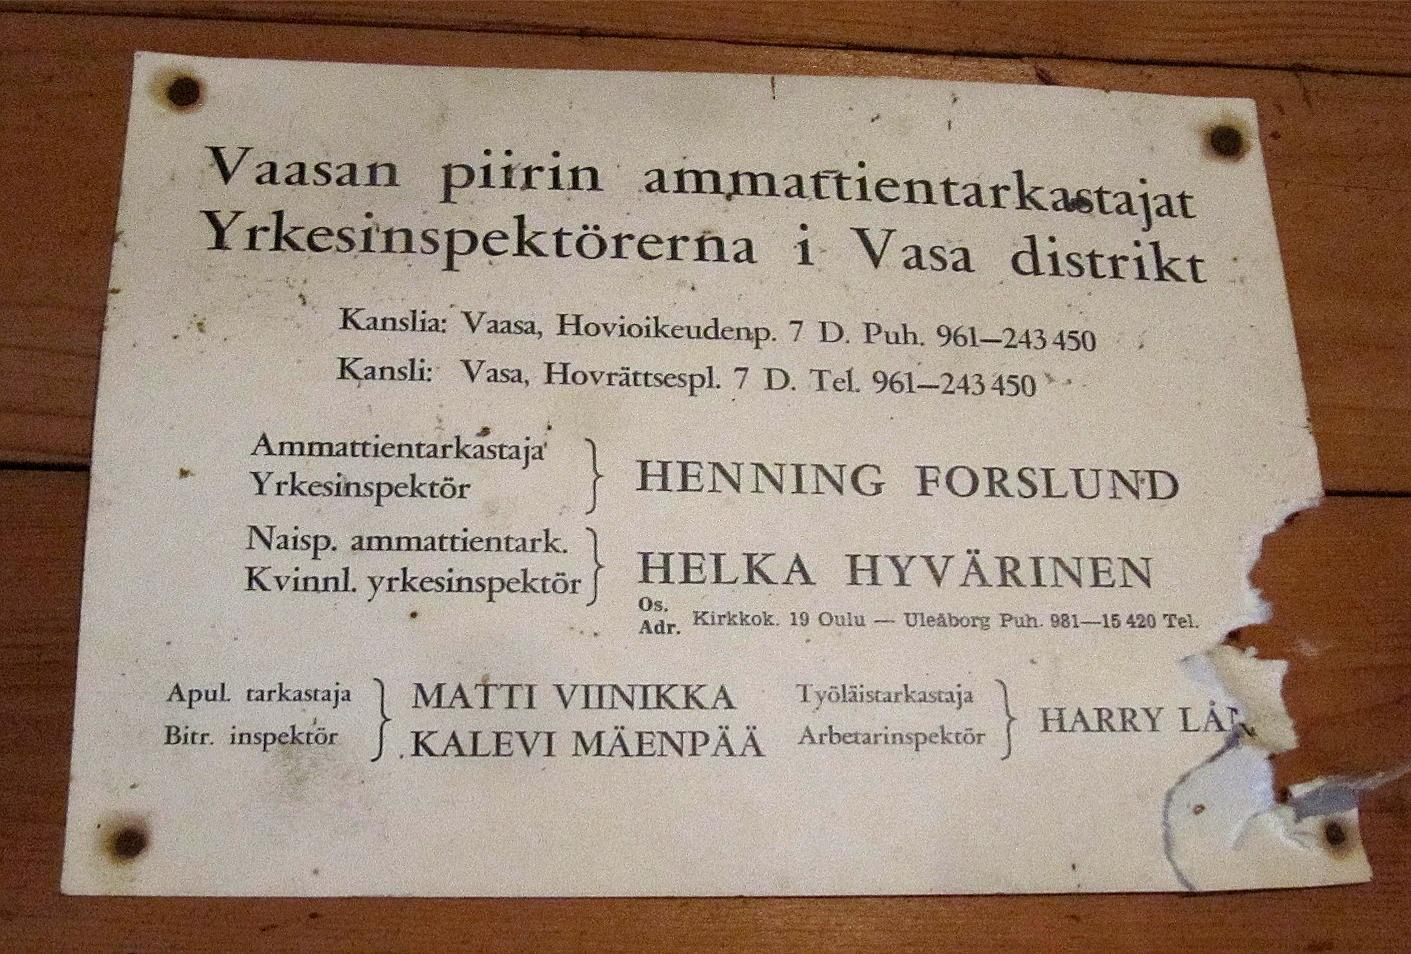 Som sig bör finns det i kafferummet en förteckning på de yrkesinspektörer som finns i Vasa distriktet. Vid behov är det bara att kontakta till exempel Helka Hyvärinen på Kyrkogatan 19 i Uleåborg.